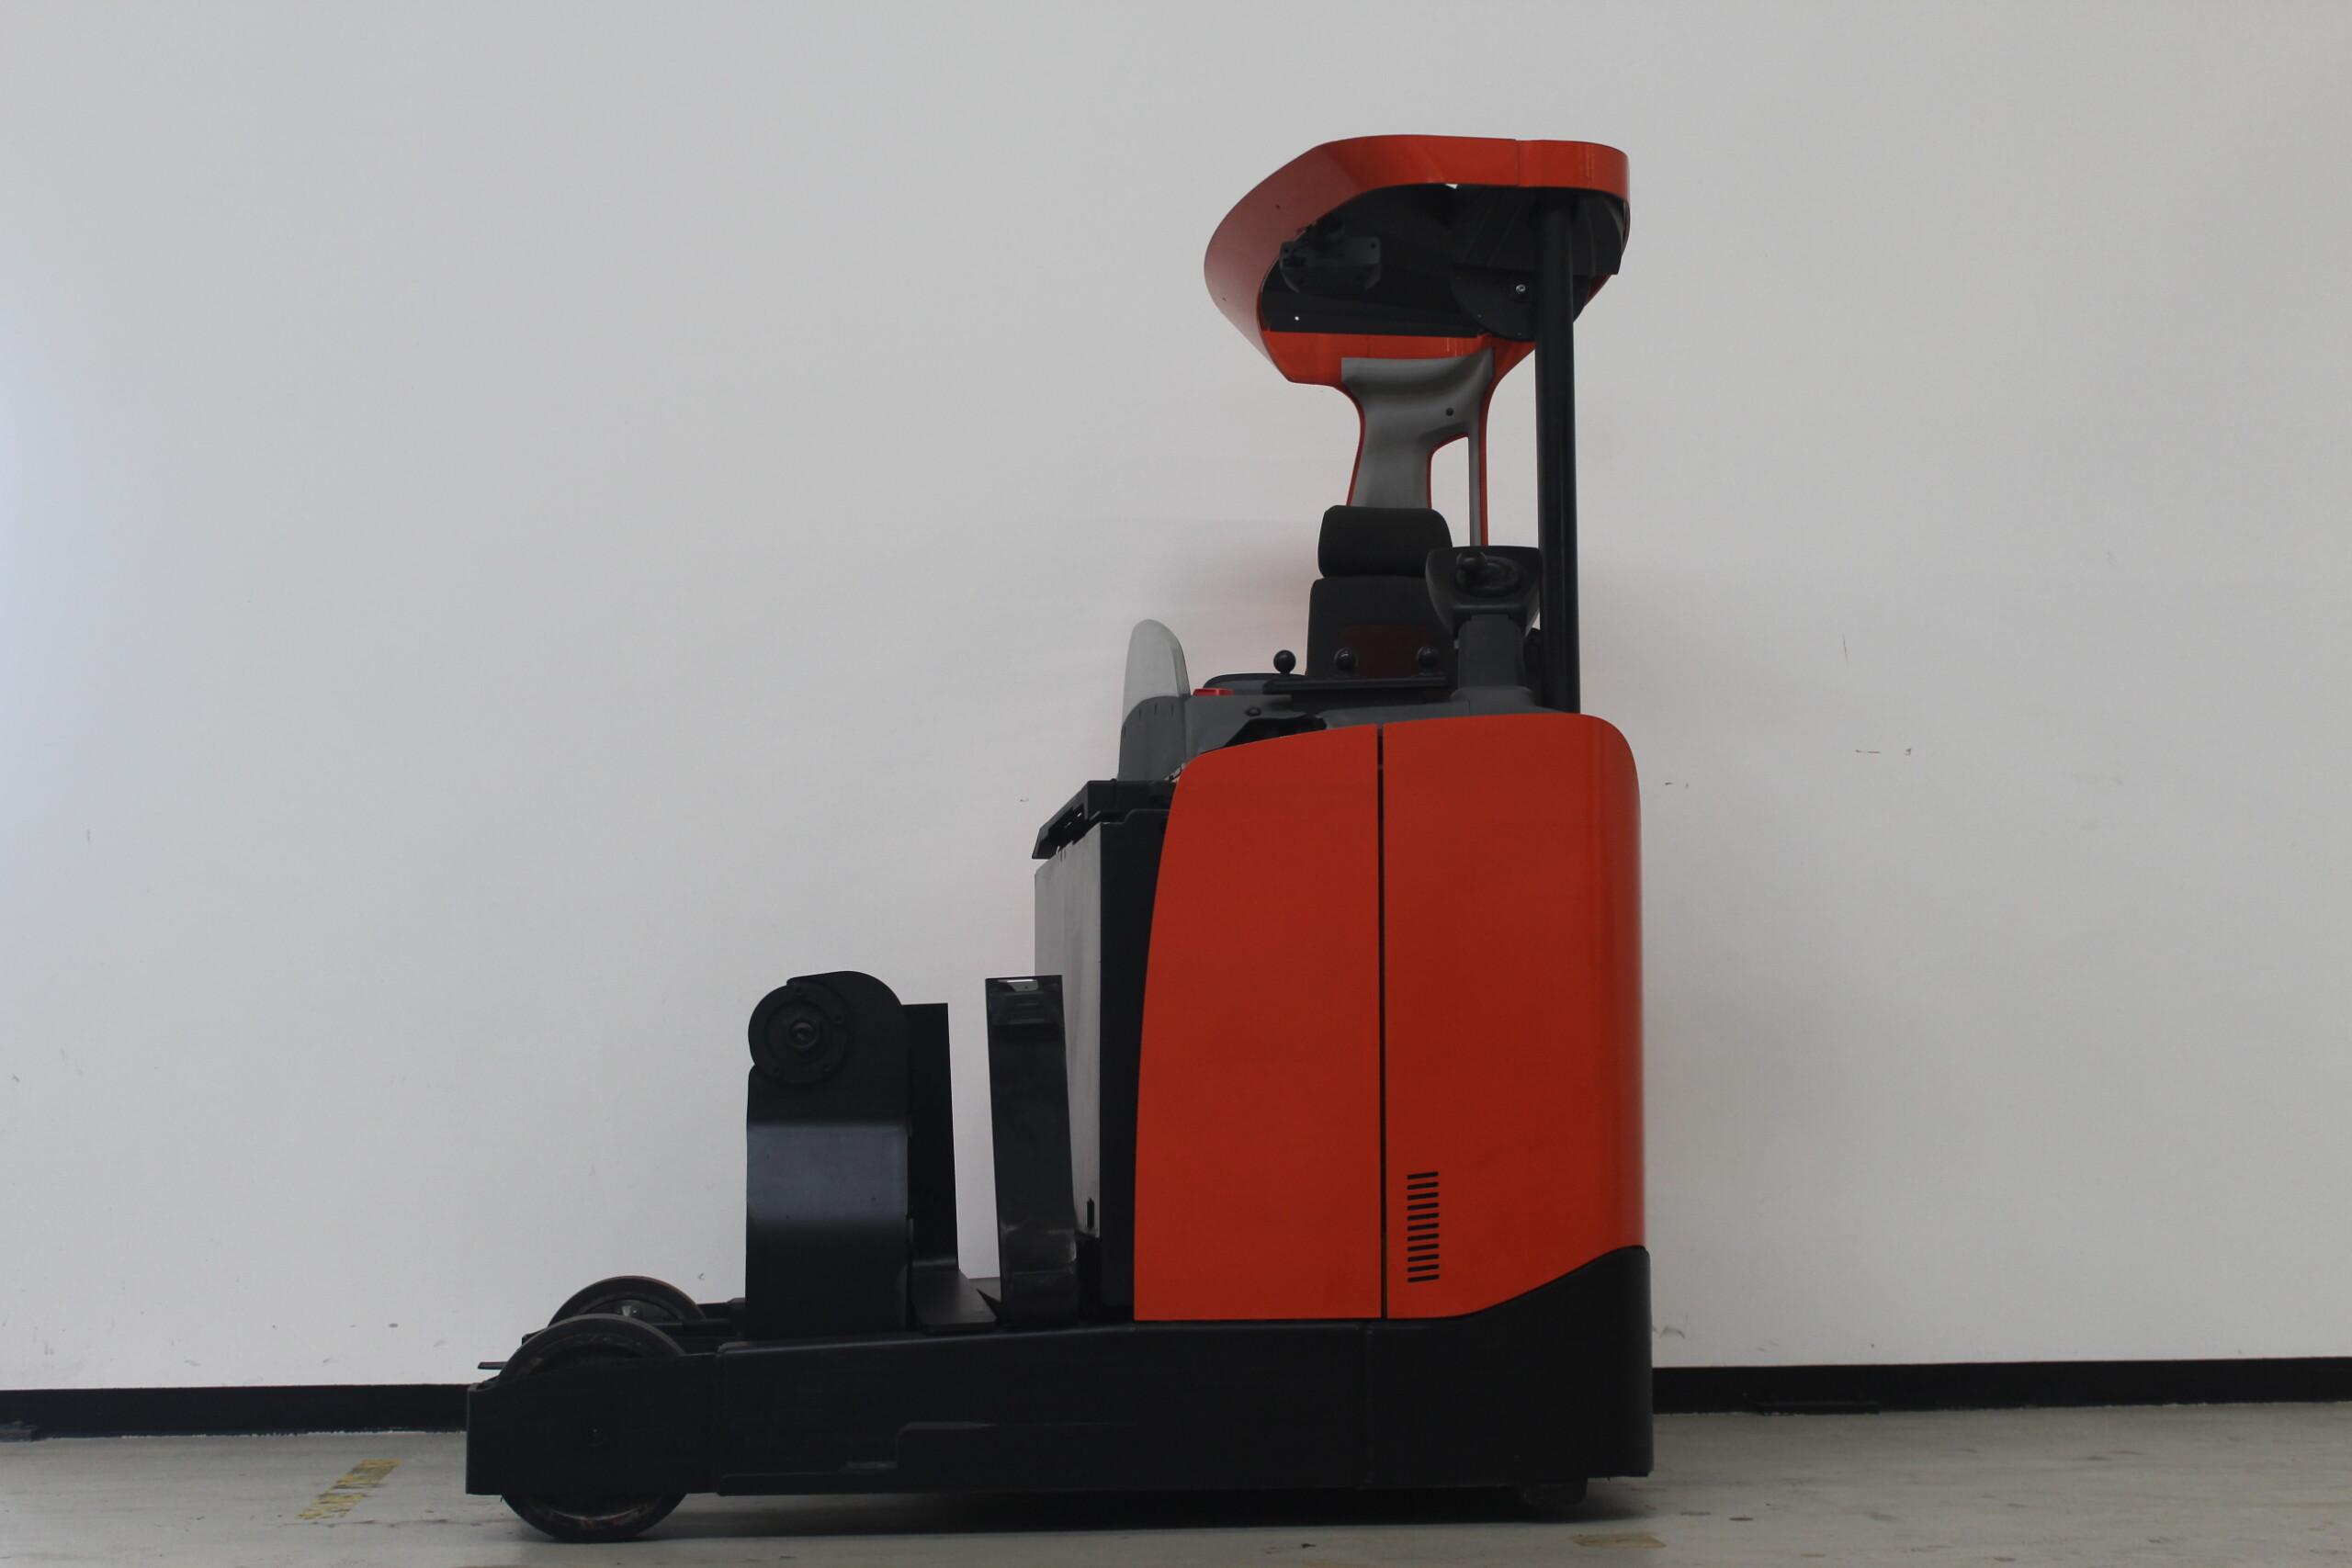 Toyota-Gabelstapler-59840 1704002480 1 80 scaled